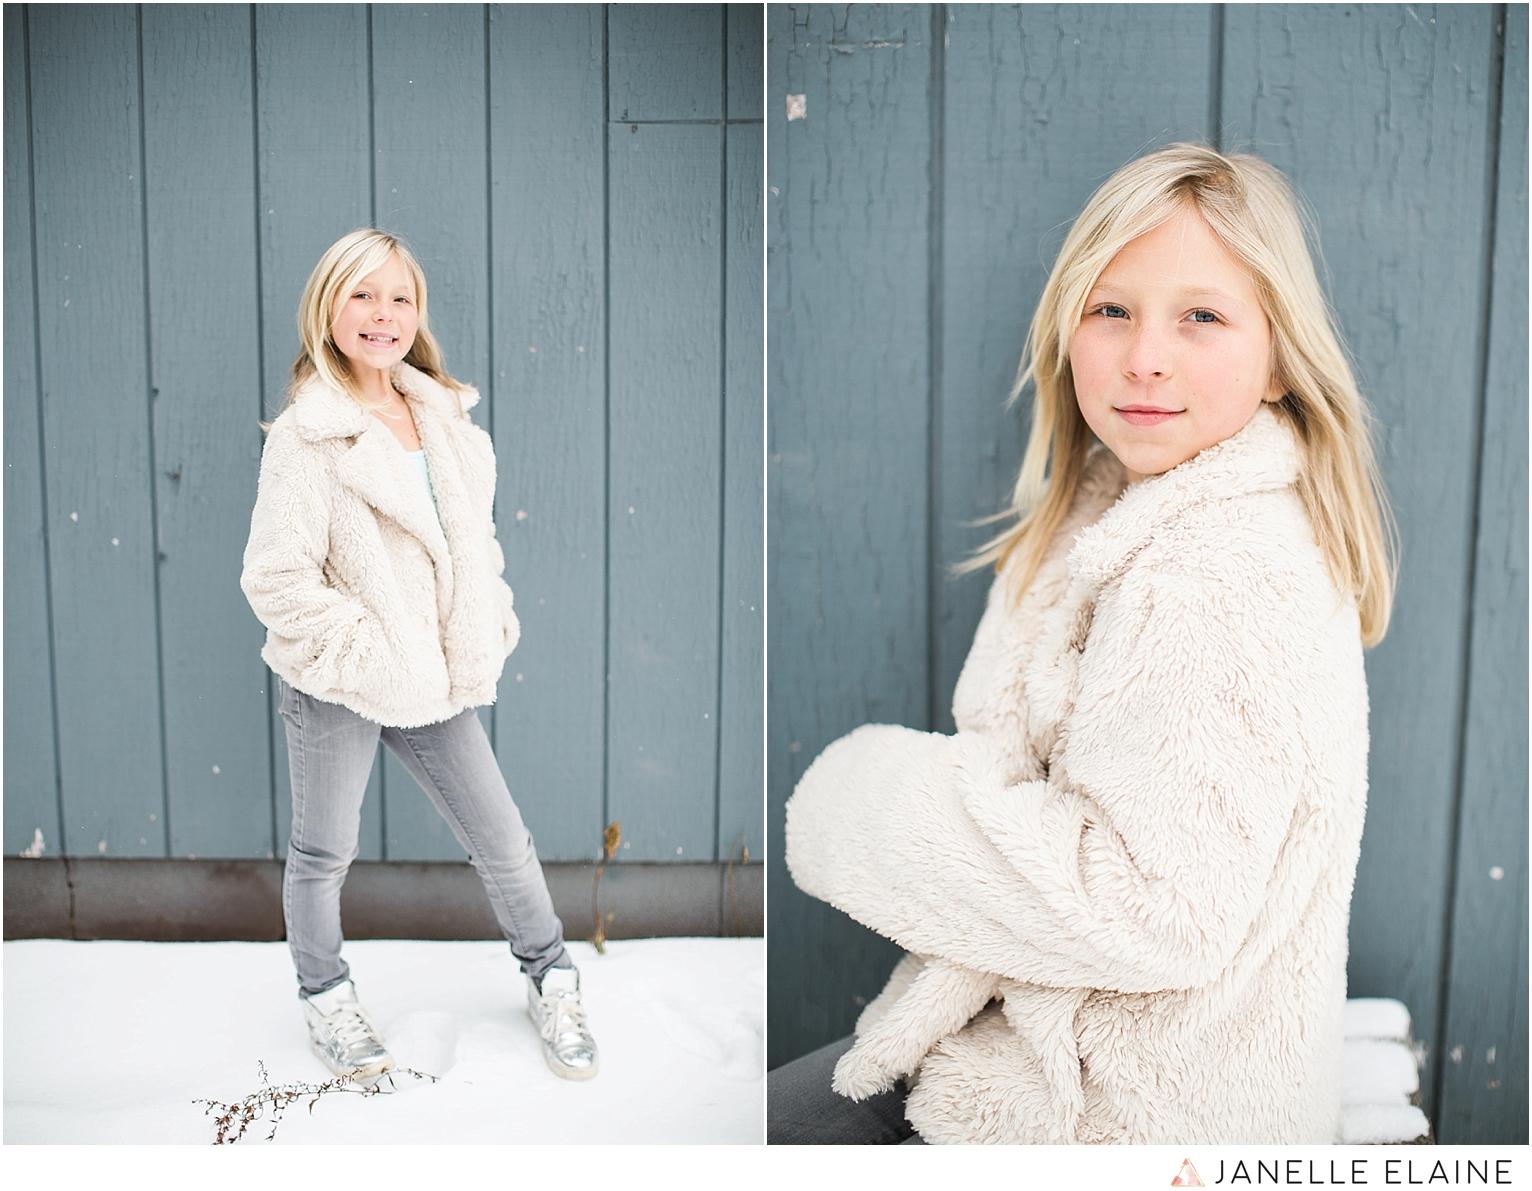 seattle-washington lifestyle photographer-janelle elaine-callie and char-36.jpg